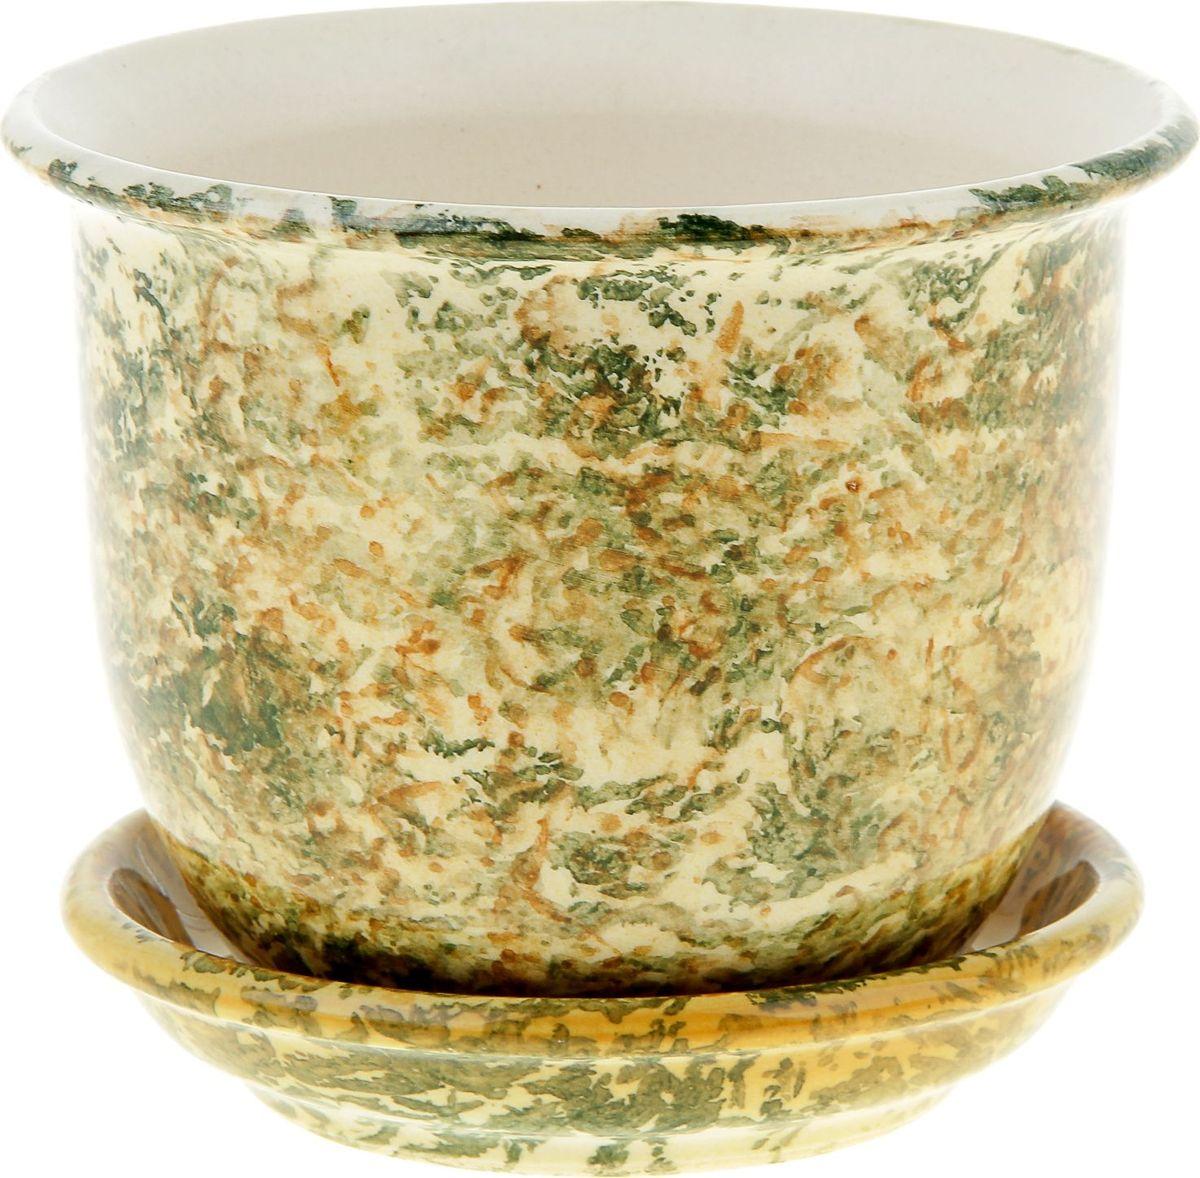 Кашпо Керамика ручной работы Классик. Мрамор, 0,5 л835605Комнатные растения — всеобщие любимцы. Они радуют глаз, насыщают помещение кислородом и украшают пространство. Каждому из них необходим свой удобный и красивый дом. Кашпо из керамики прекрасно подходят для высадки растений: за счет пластичности глины и разных способов обработки существует великое множество форм и дизайнов пористый материал позволяет испаряться лишней влаге воздух, необходимый для дыхания корней, проникает сквозь керамические стенки! позаботится о зеленом питомце, освежит интерьер и подчеркнет его стиль.